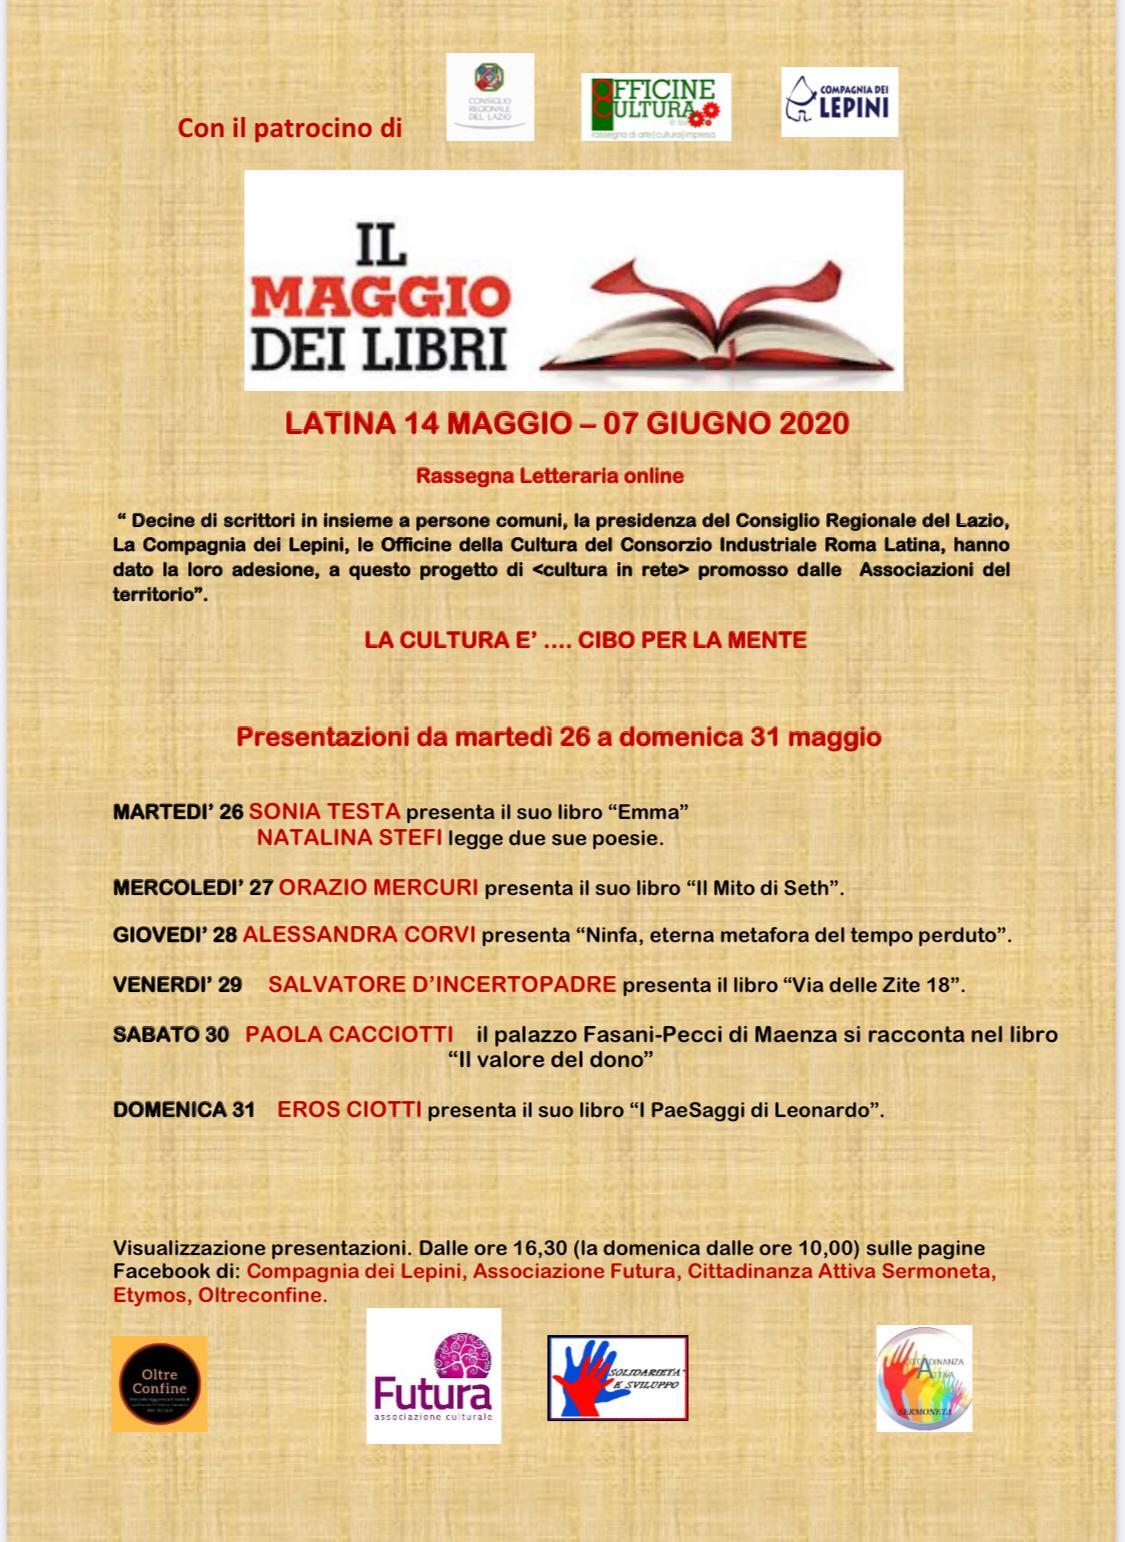 il-maggio-dei-libri-2020-programma-dal-26-al-31-maggio